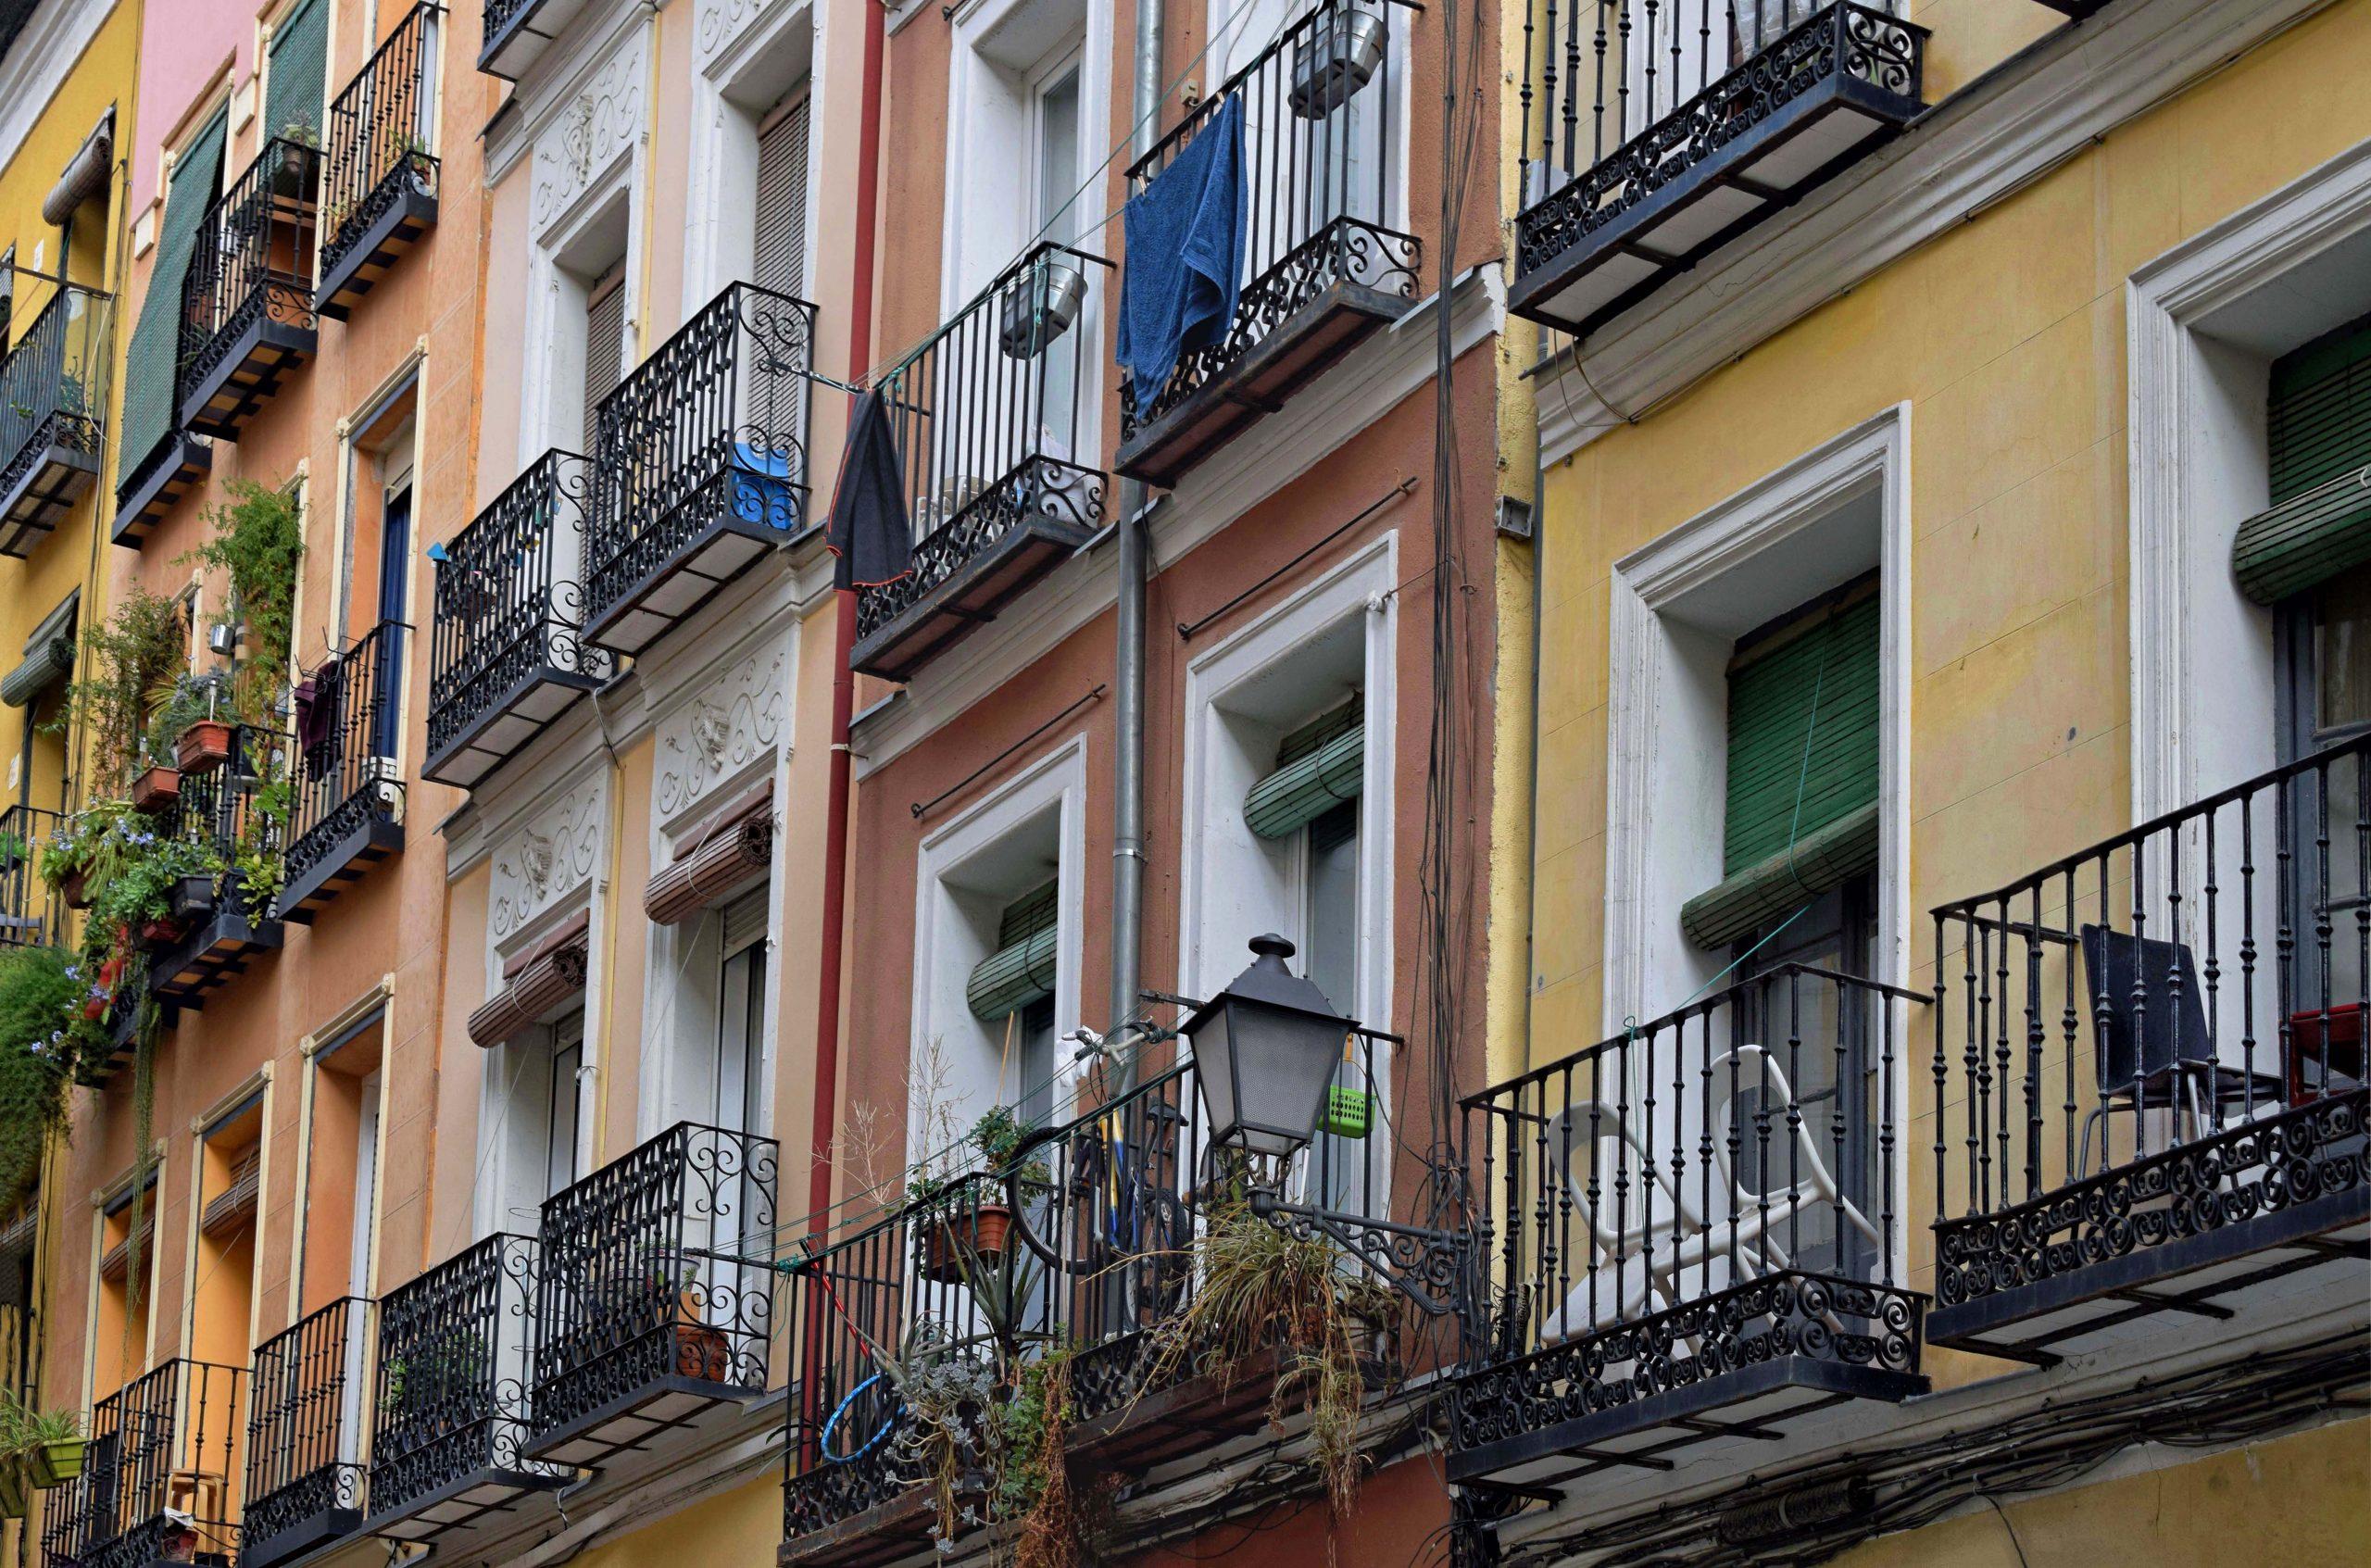 Un balcón al sol